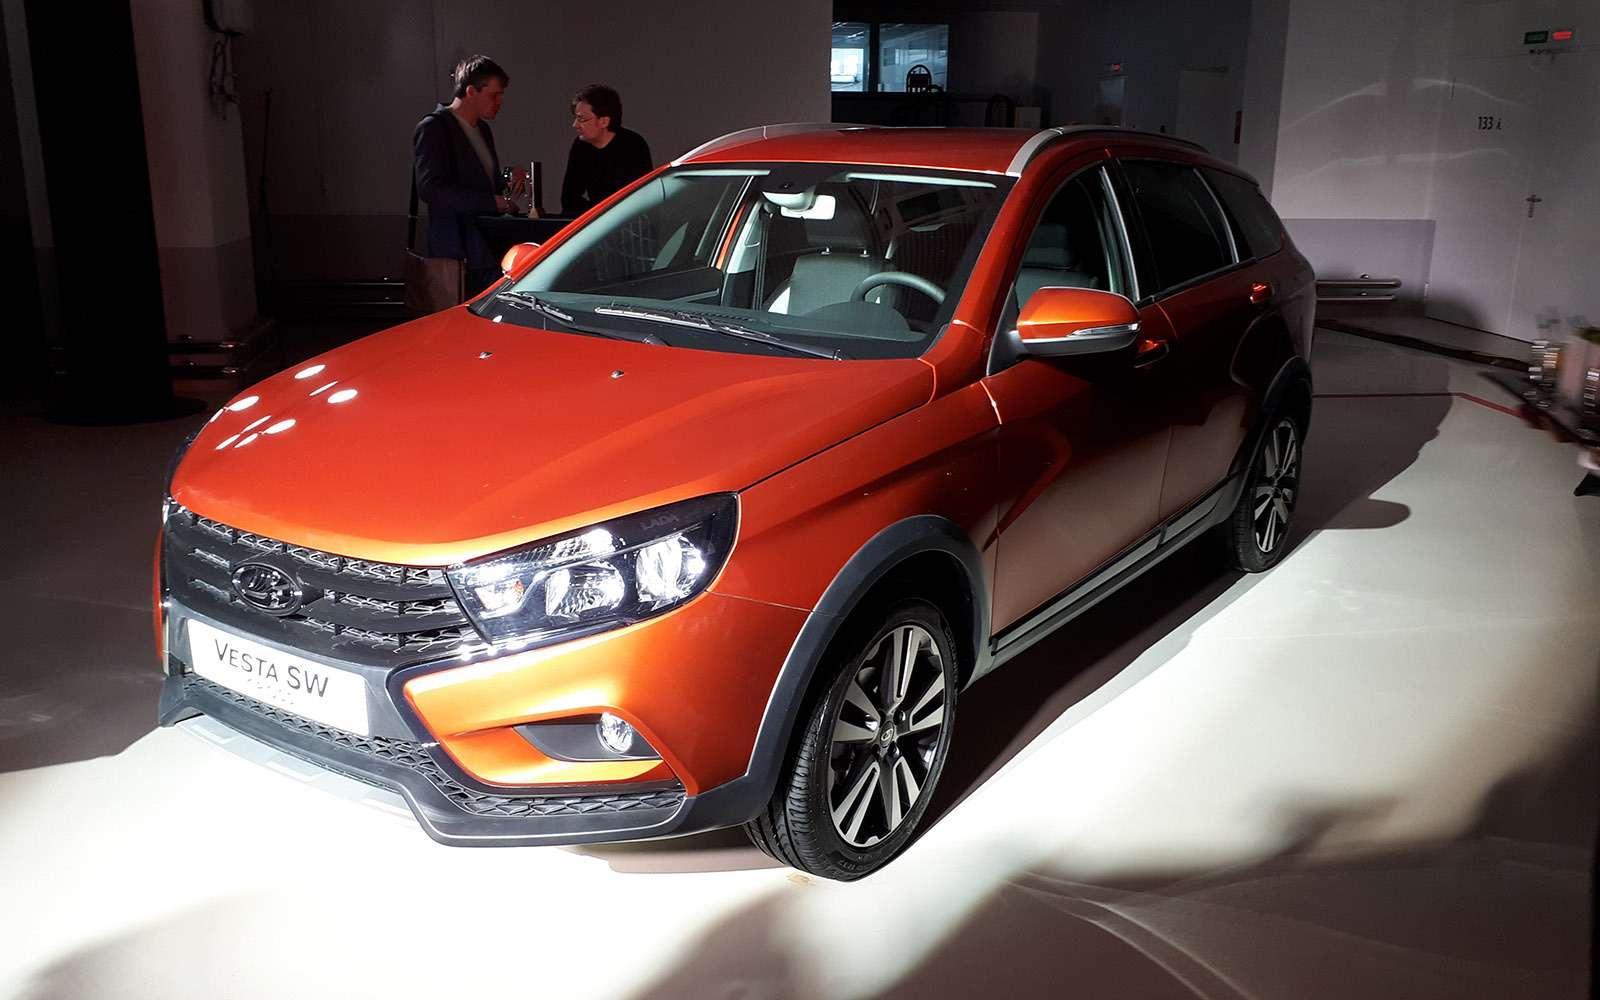 Представлена новая модель Lada. Иэто снова Cross— фото 863335